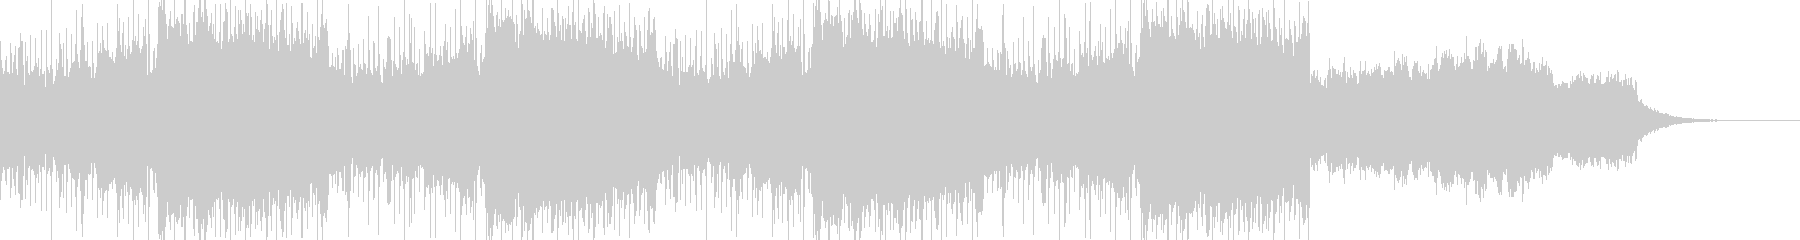 インダストリアルなダークシンセ音_02の未再生の波形